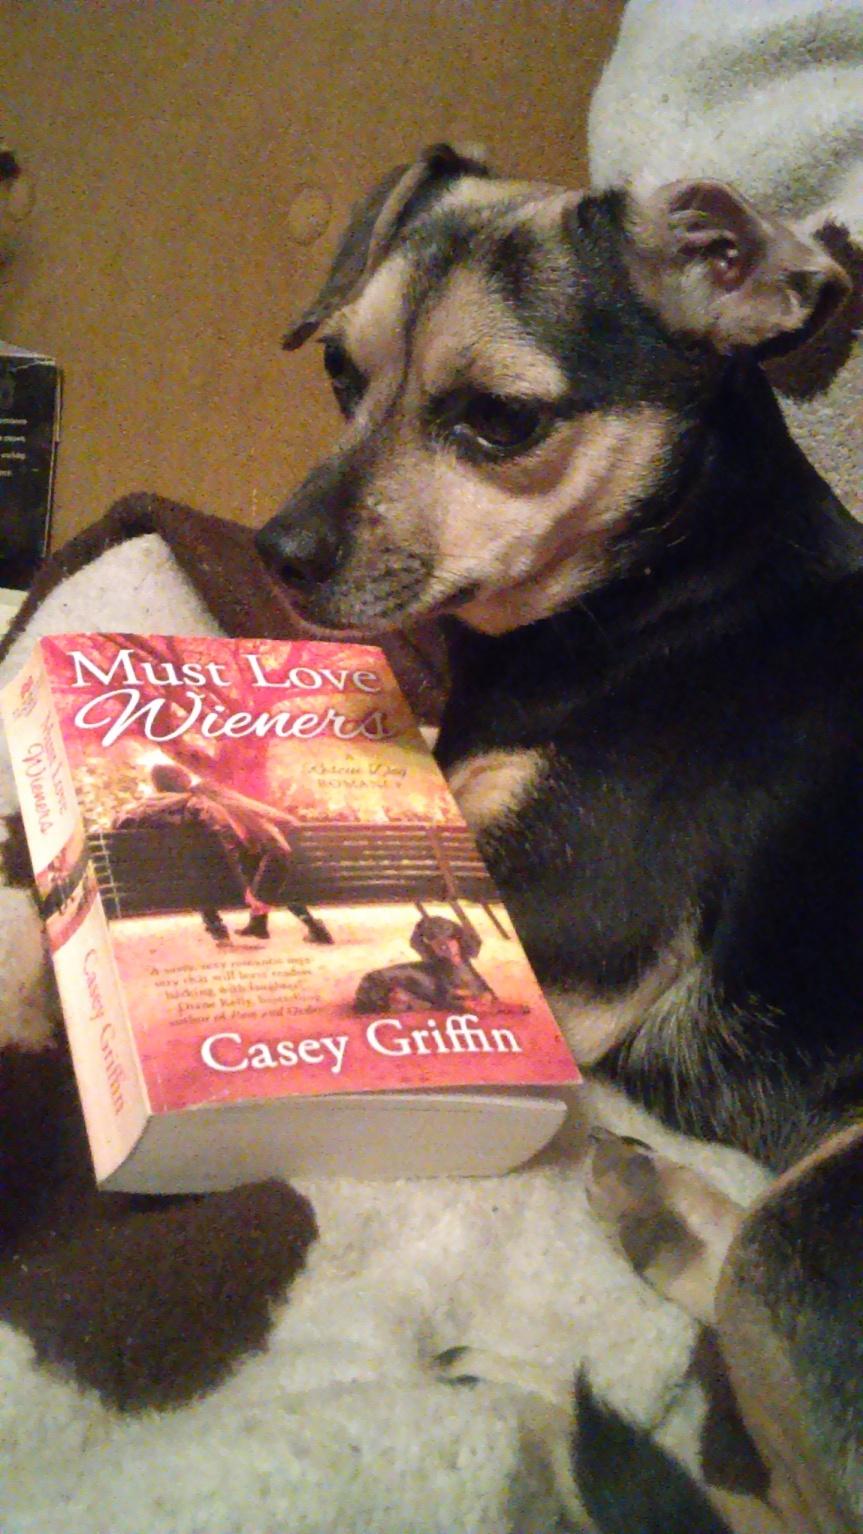 Anya's Book Review: Must LoveWieners